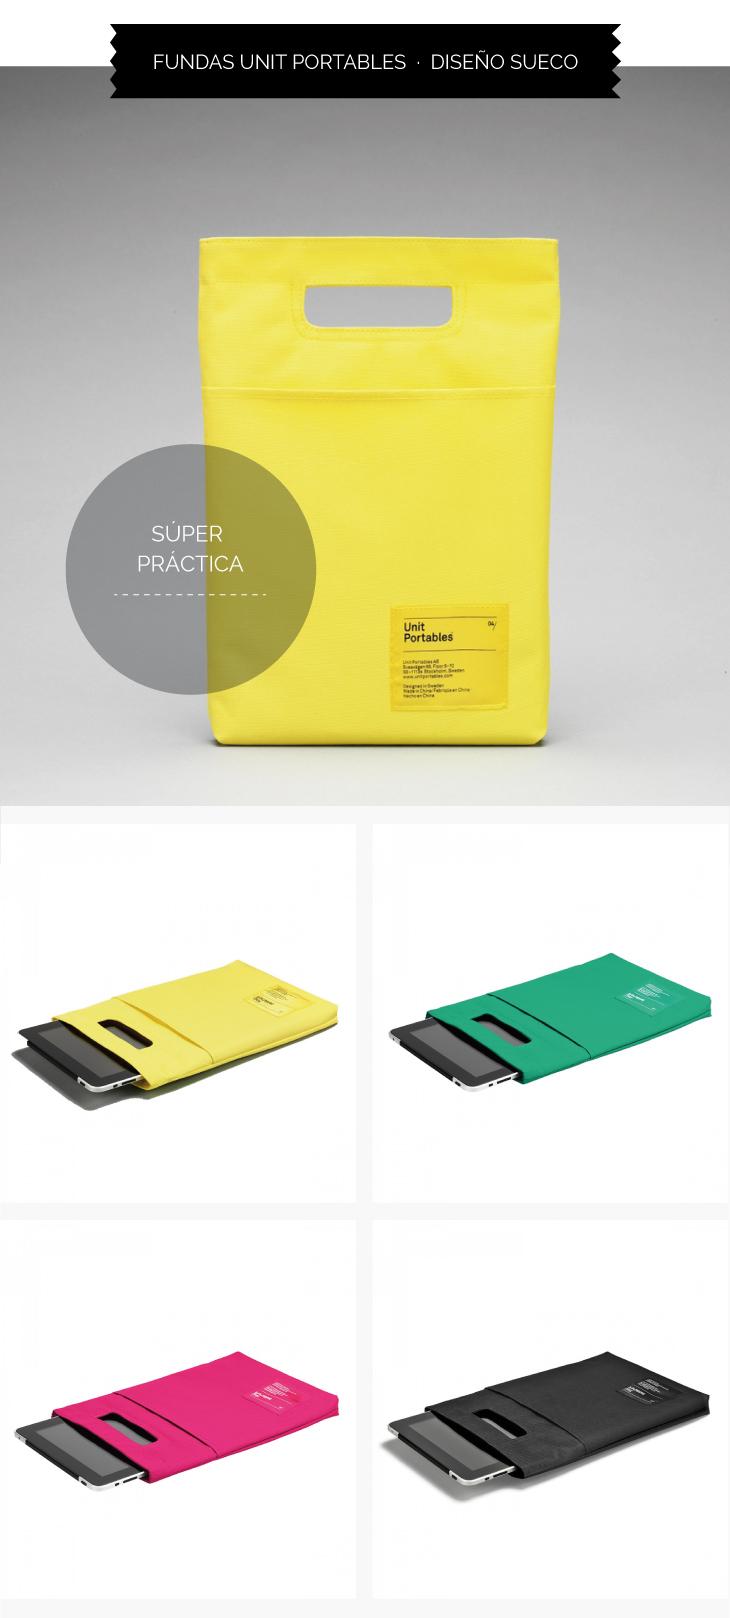 Regalo original funda para Ipad Unit Portables con un diseño muy cool